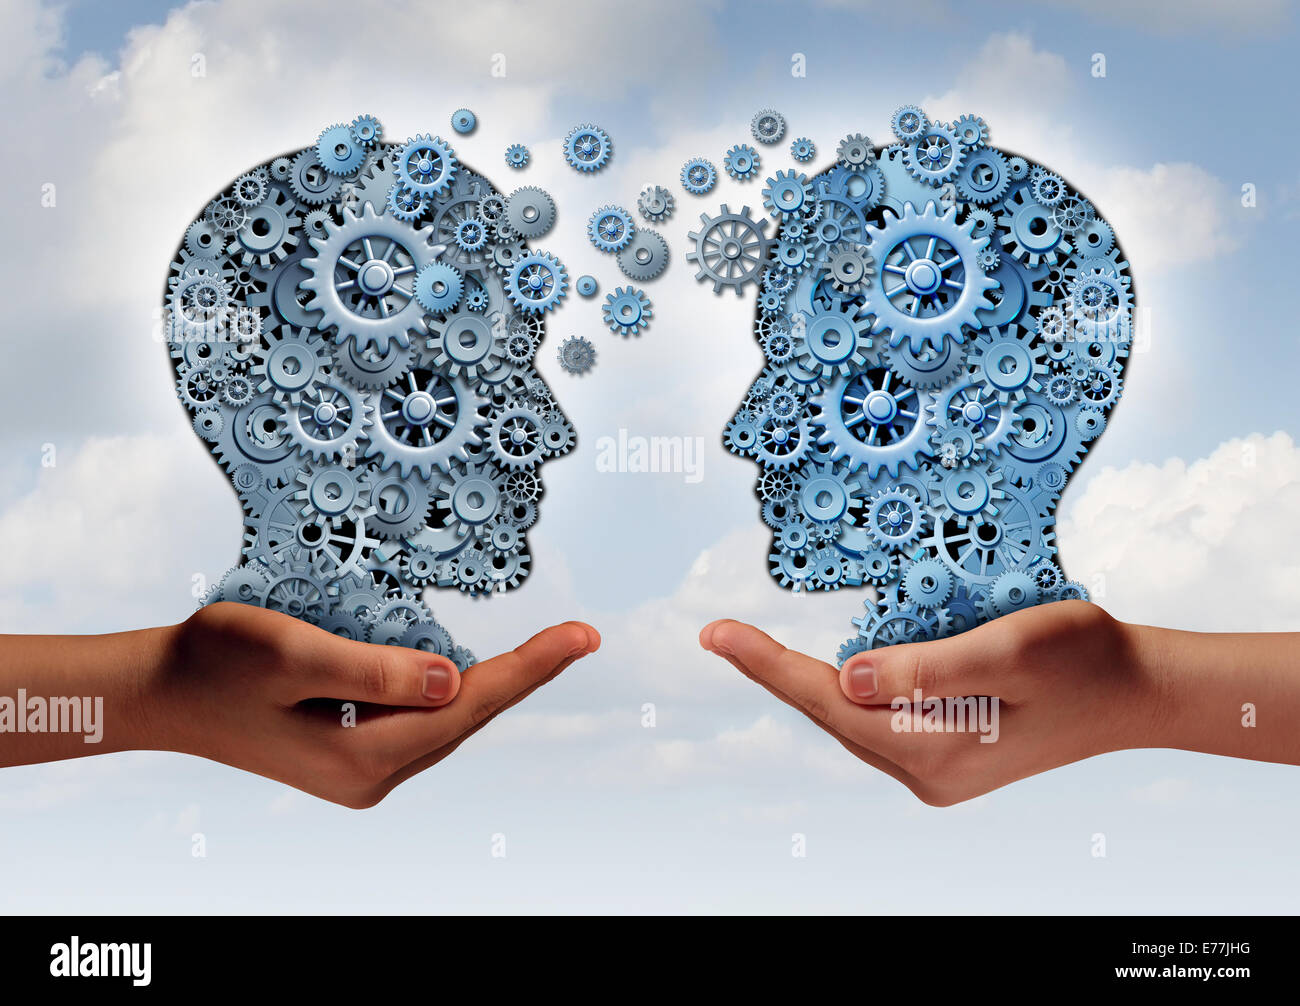 La tecnologia aziendale concetto come due mani di un gruppo di ingranaggi della macchina a forma di una testa umana Immagini Stock